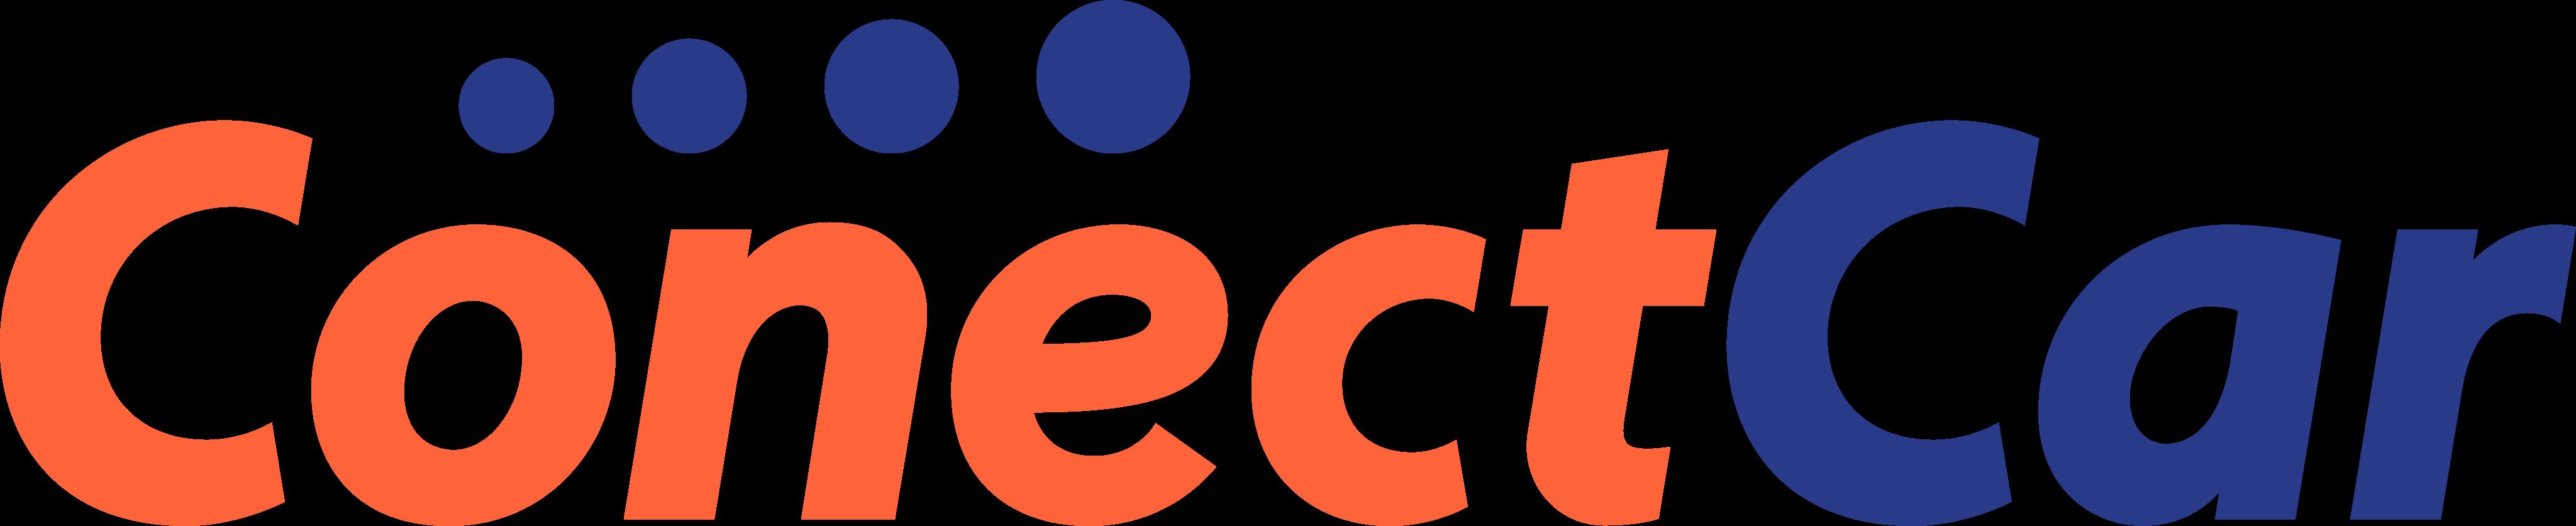 conectcar logo - ConectCar Logo